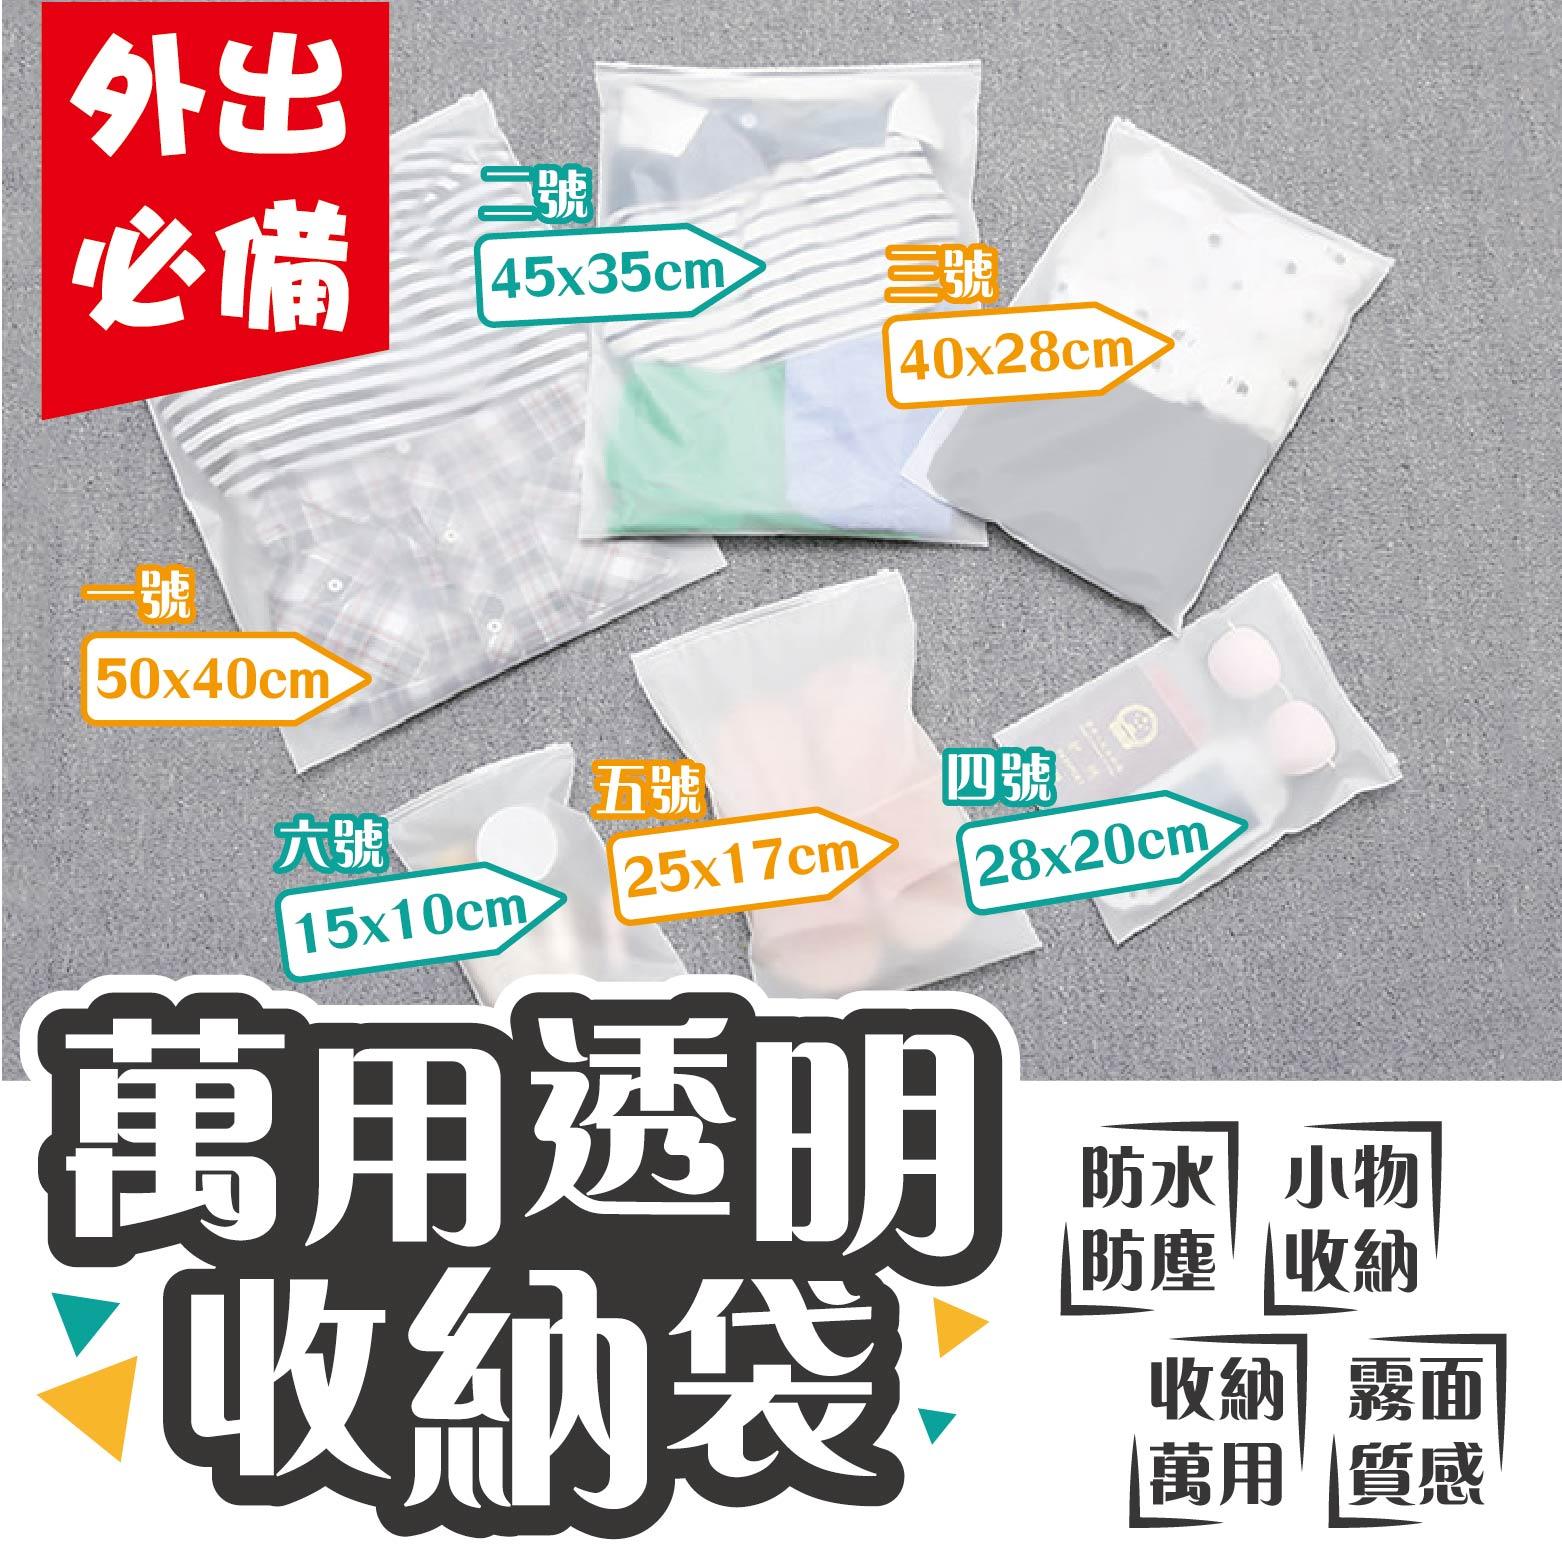 百寶袋【超萬用】半透明/防塵 夾鏈袋 收納袋 分類袋 防塵袋 透明袋 塑膠袋 袋子【BE217】